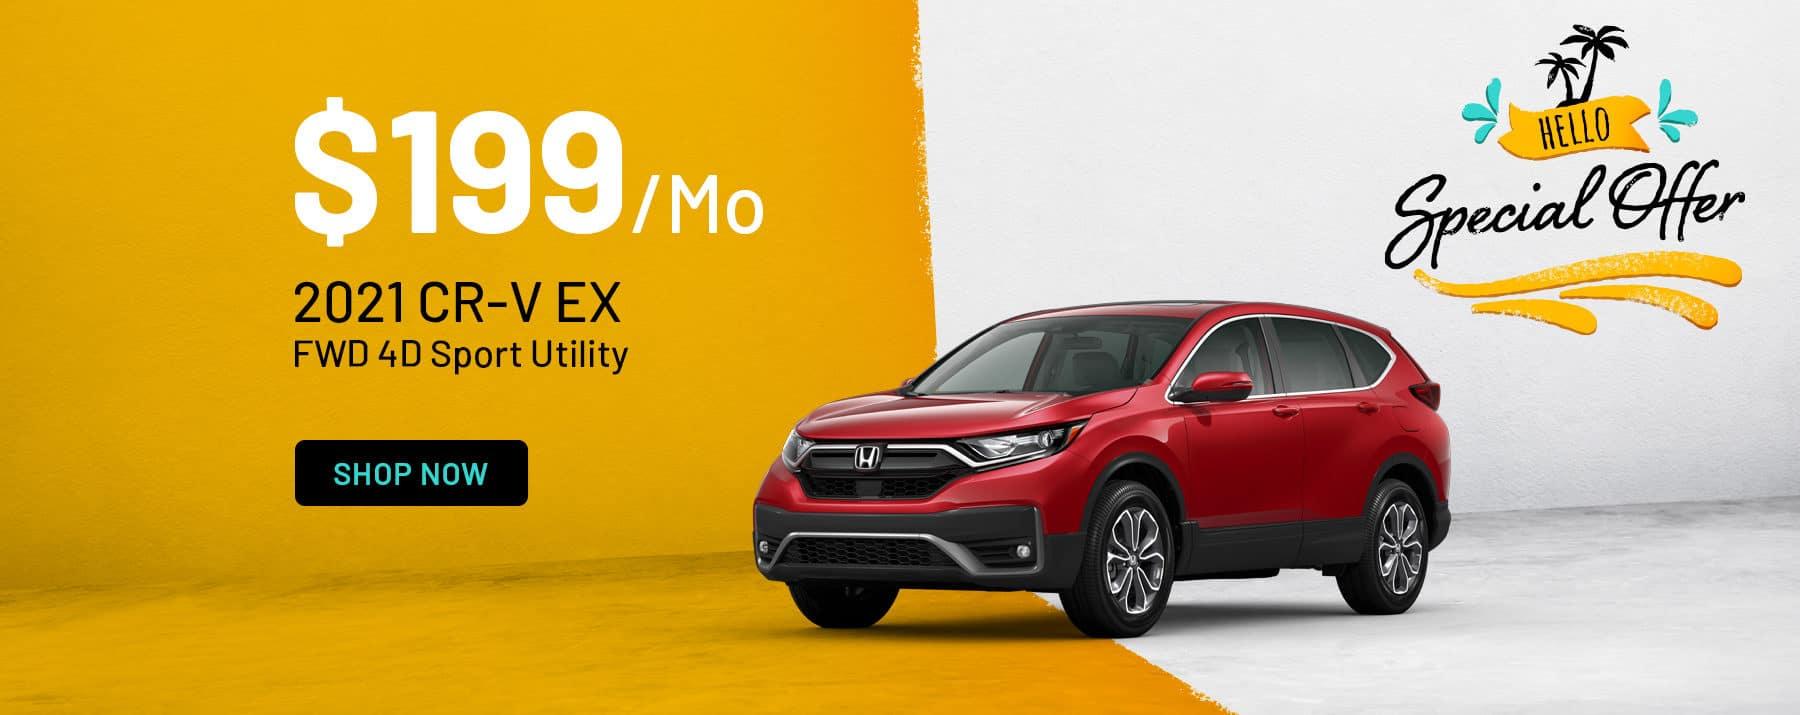 2021 Honda CR-V Special Offers